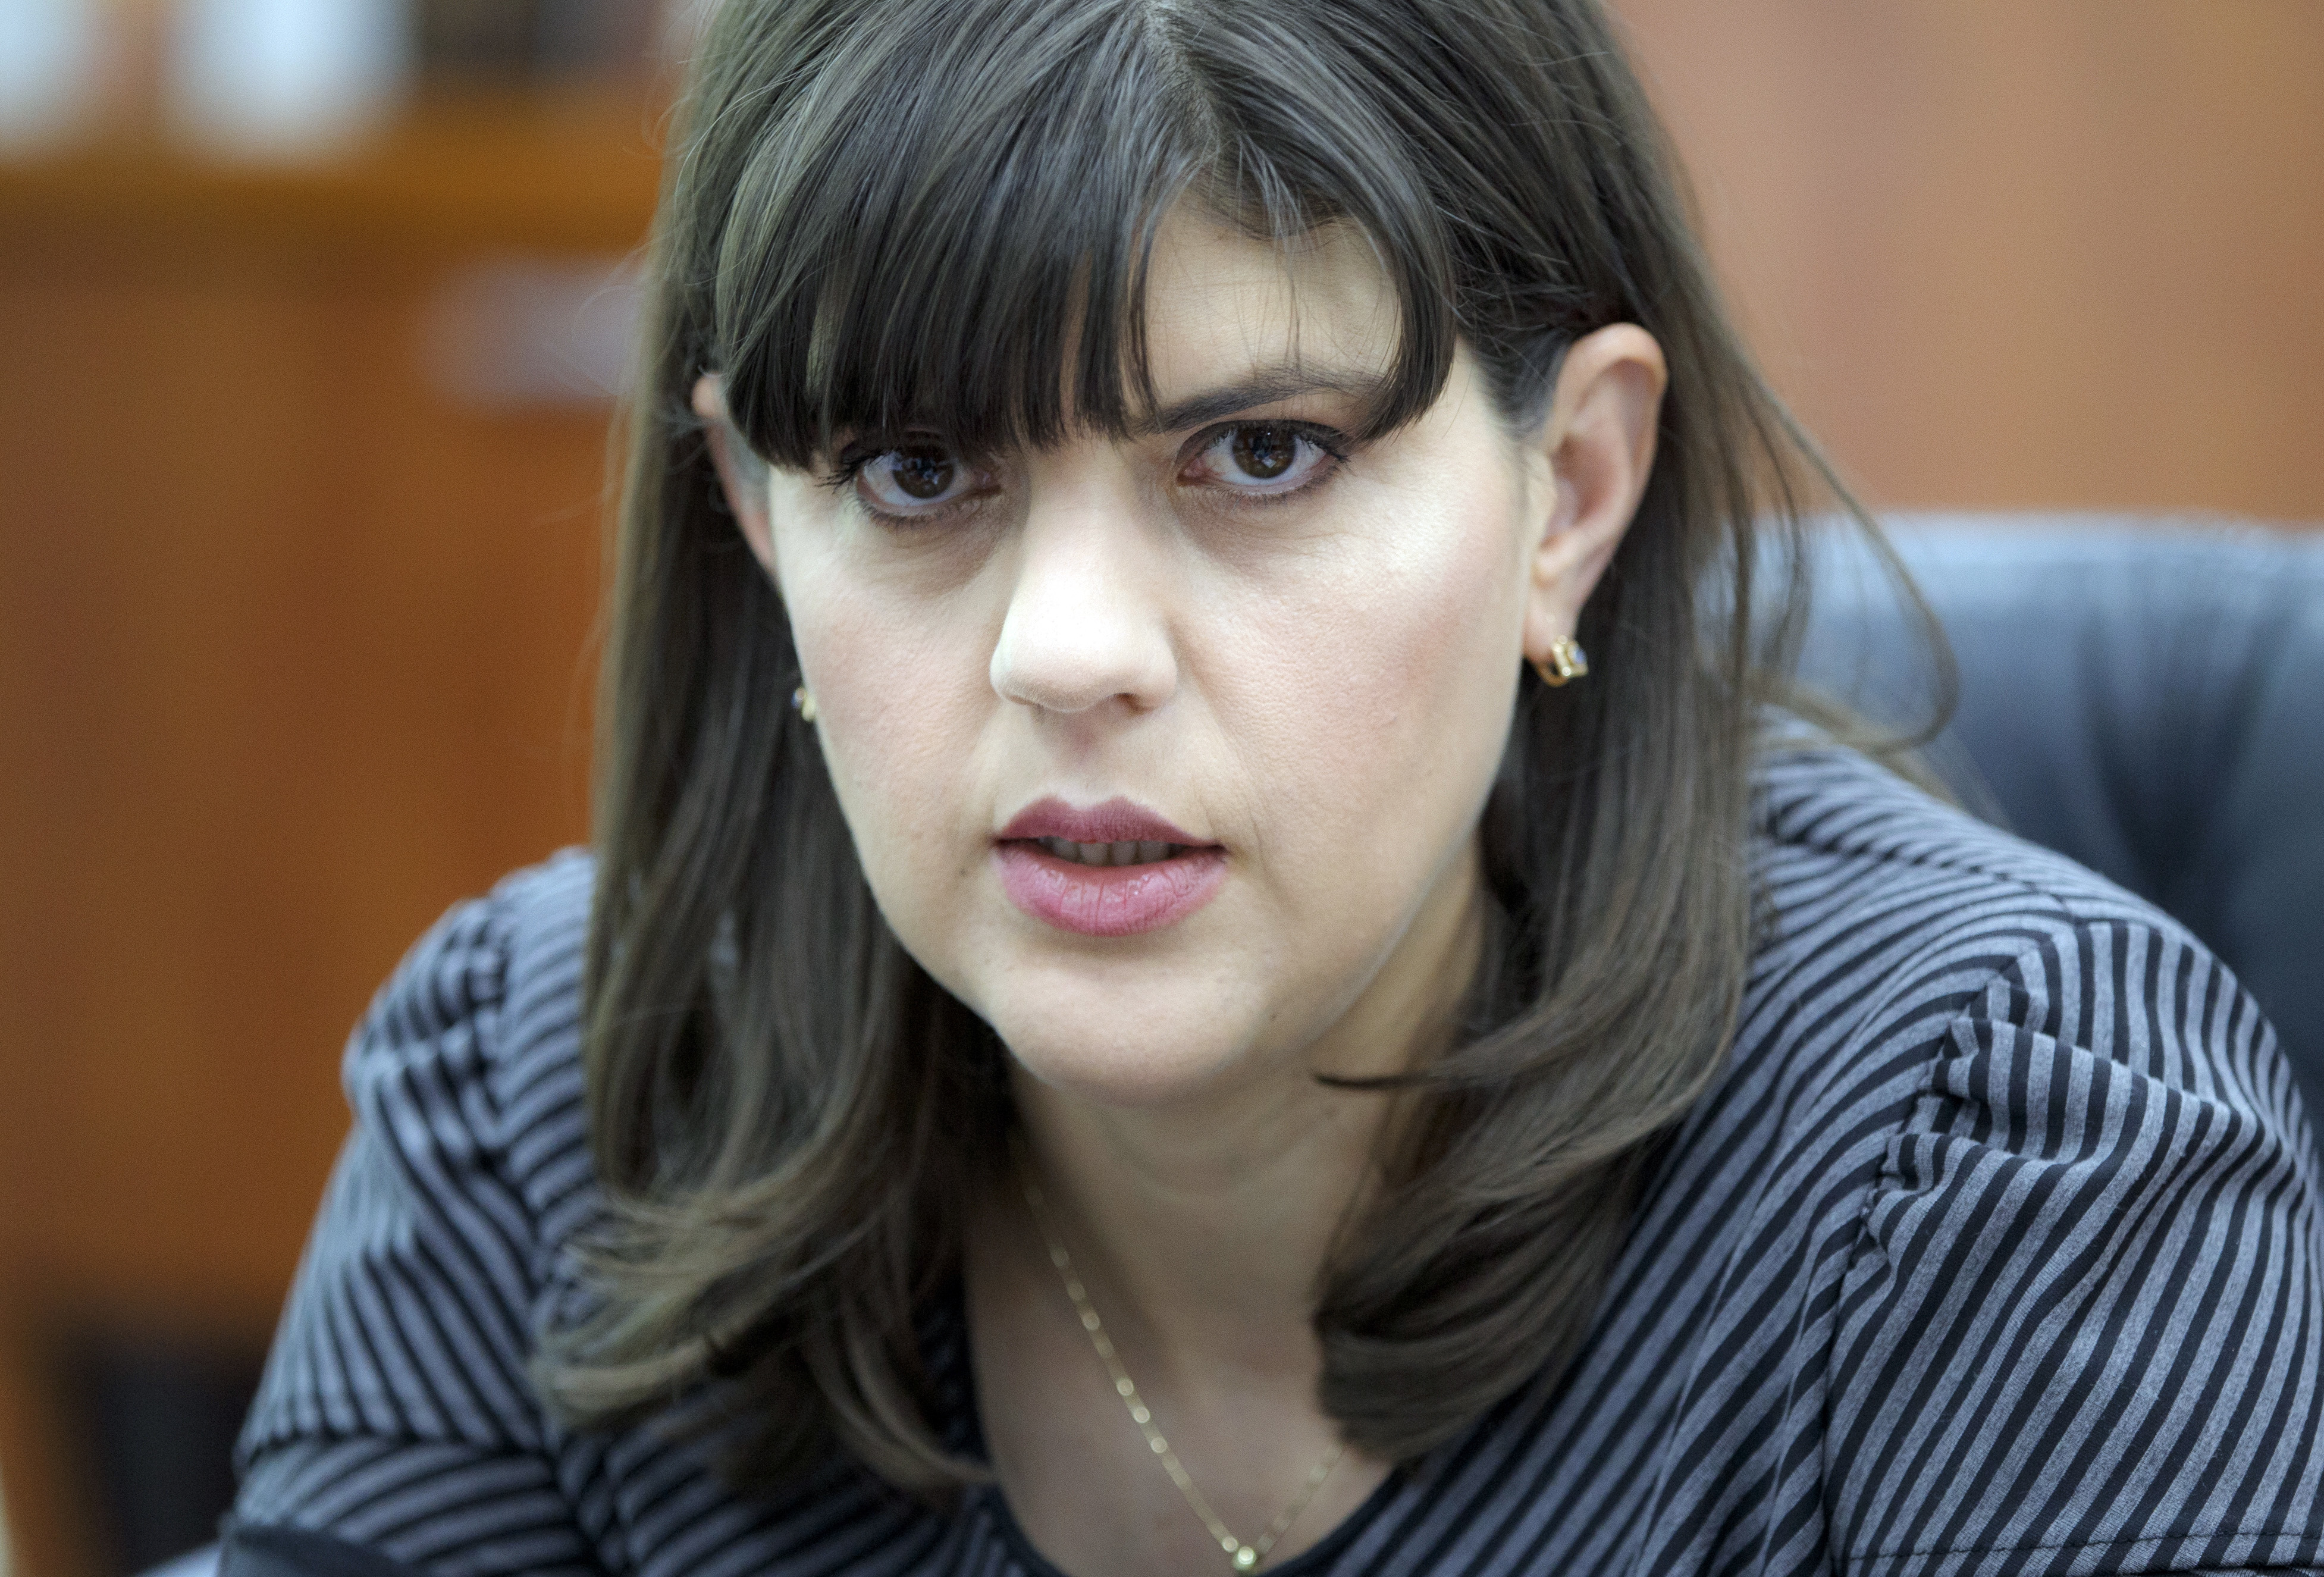 Kovesi dupa demisia lui Gabriel Oprea: In situatii similare, s-a cerut aviz de la presedinte